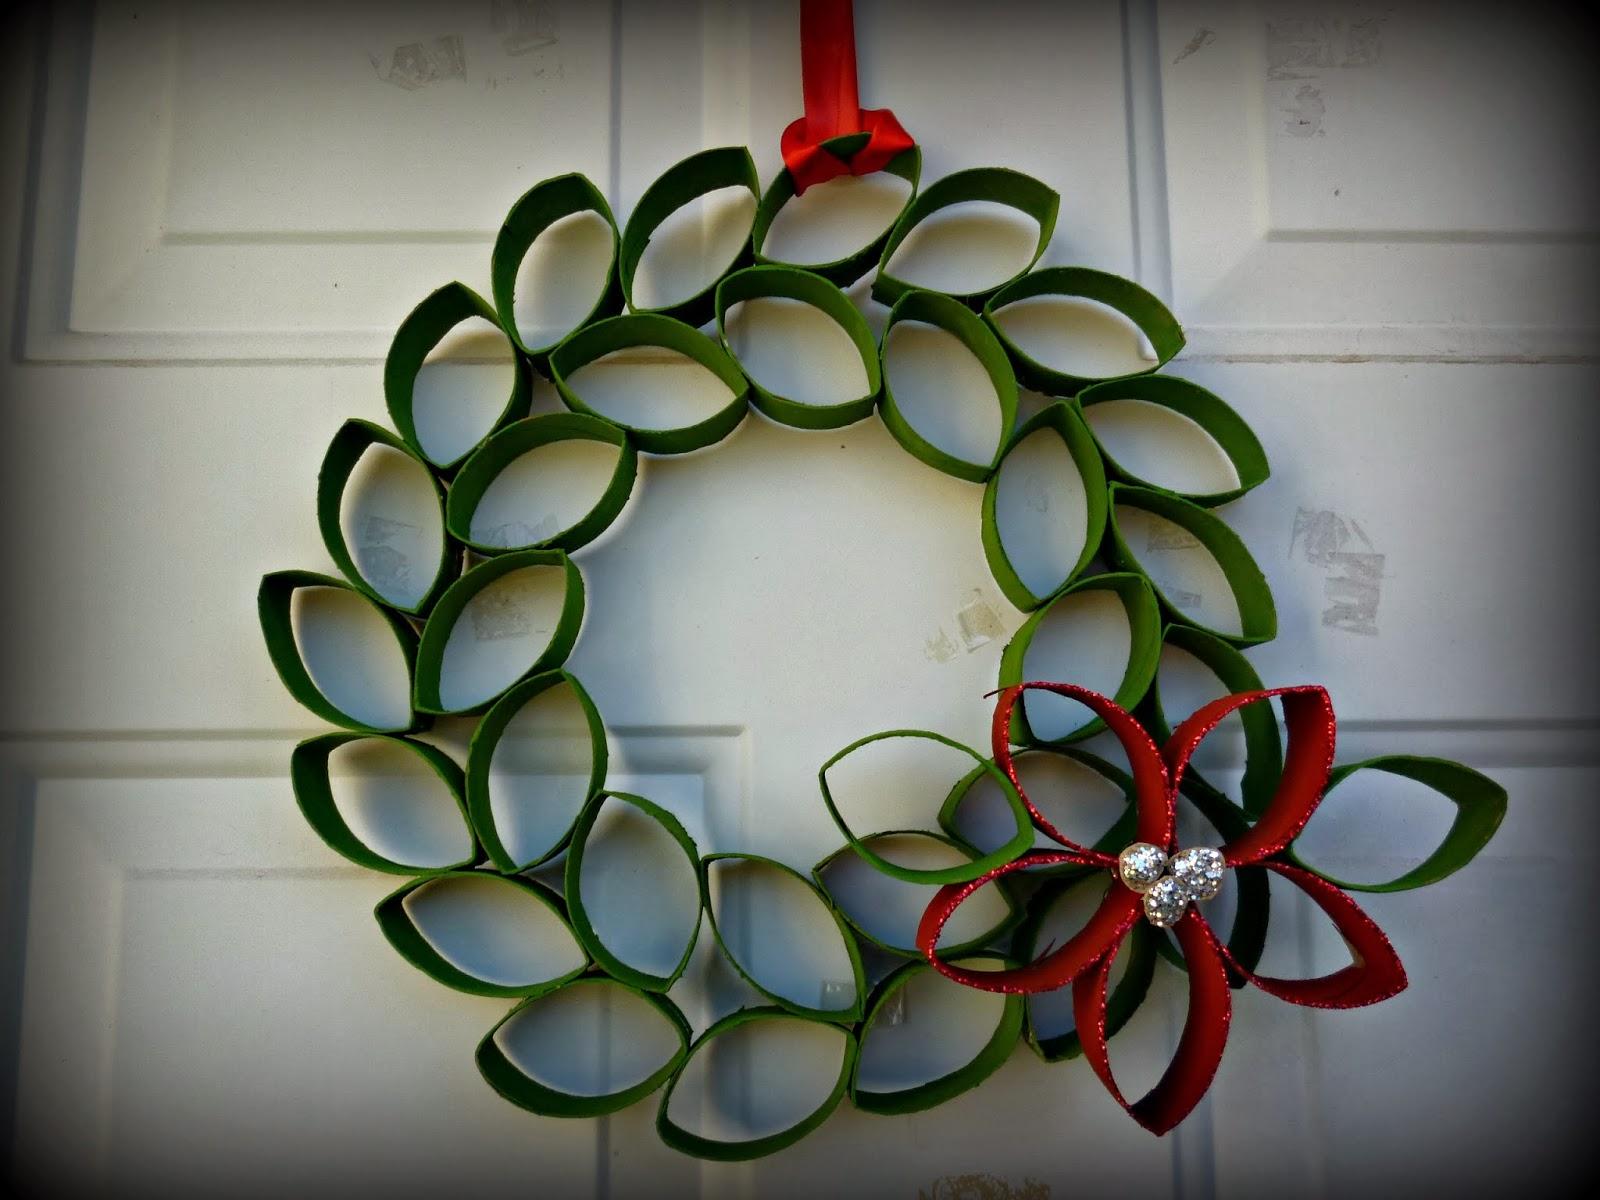 De todo y nada corona de navidad con rollos de papel diy for Coronas de navidad hechas a mano